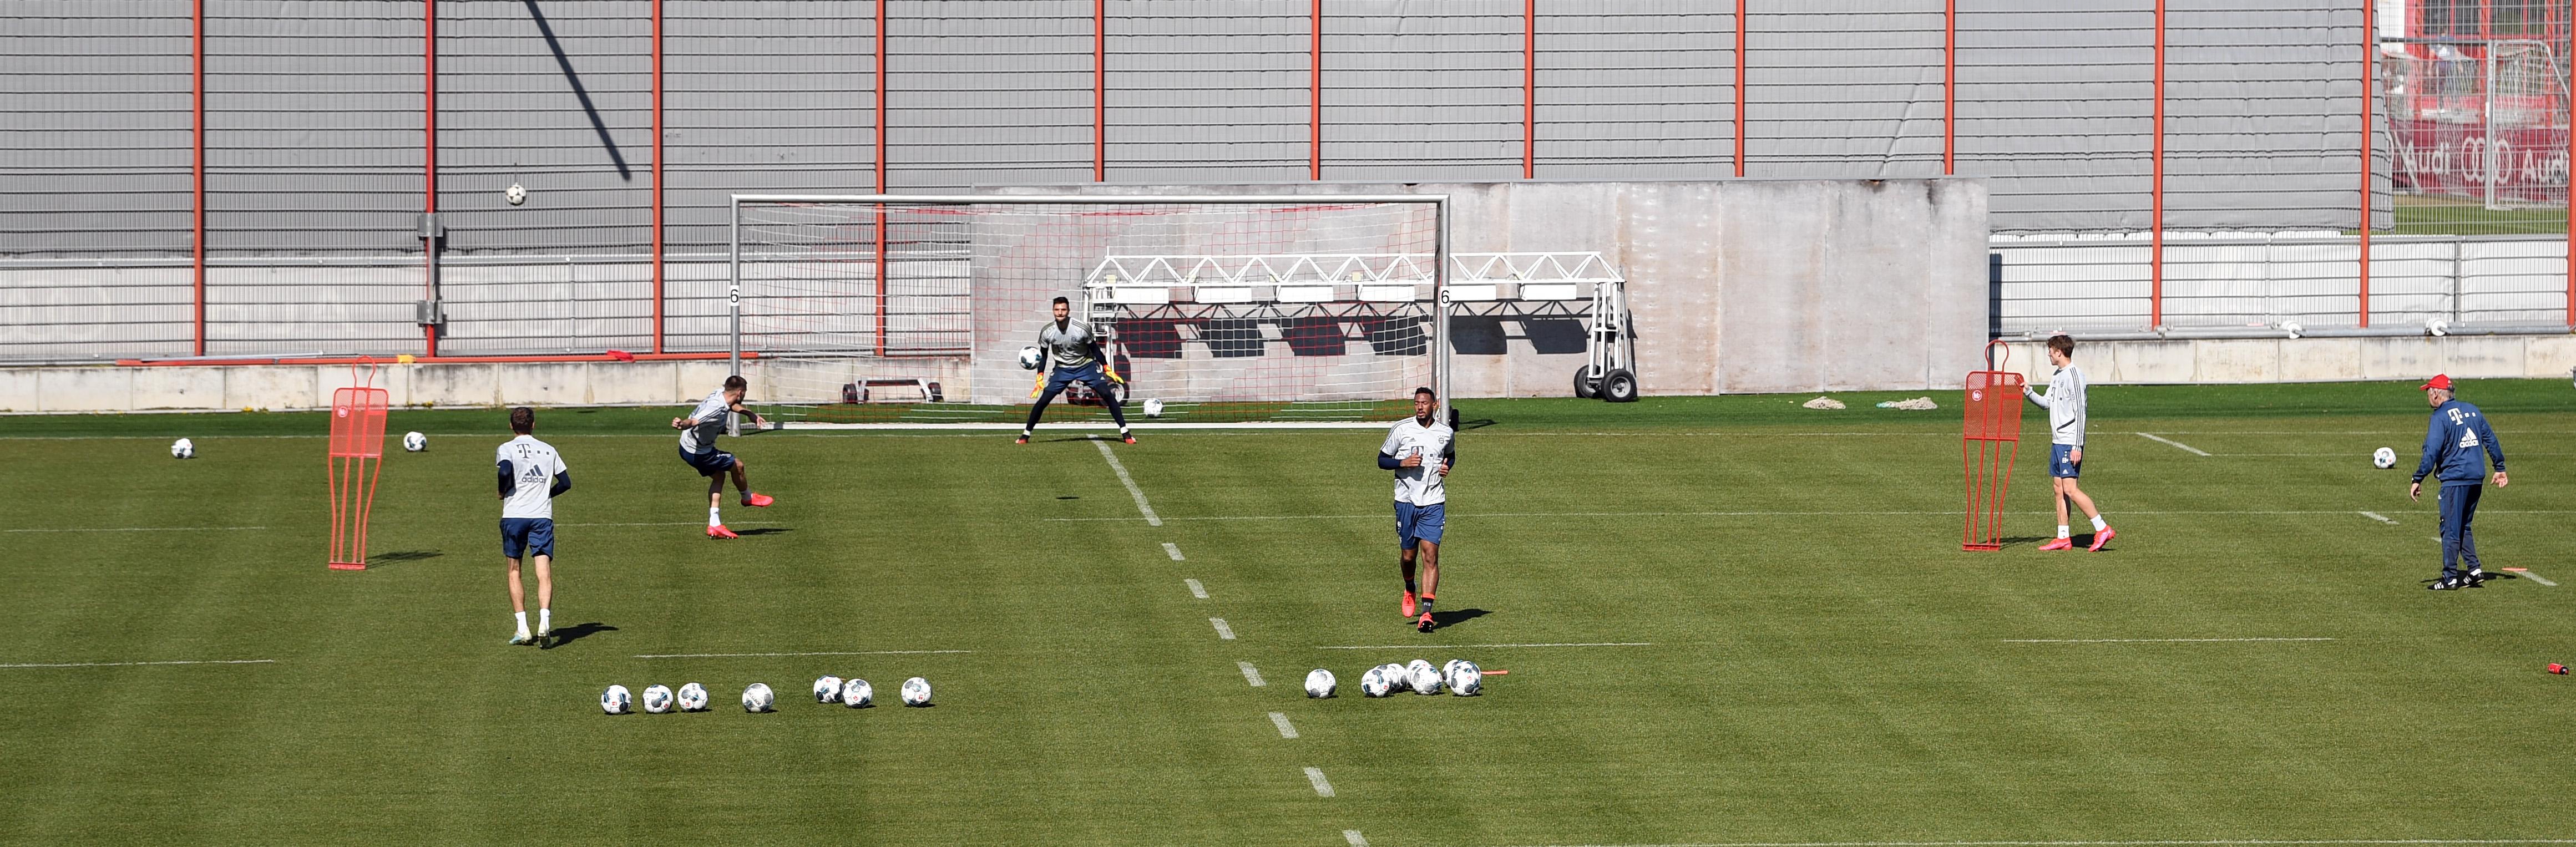 El primer entrenamiento del Bayern Múnich. Sus jugadores mantuvieron respeto al protocolo de distanciamiento social para su realización. (REUTERS/Andreas Gebert)